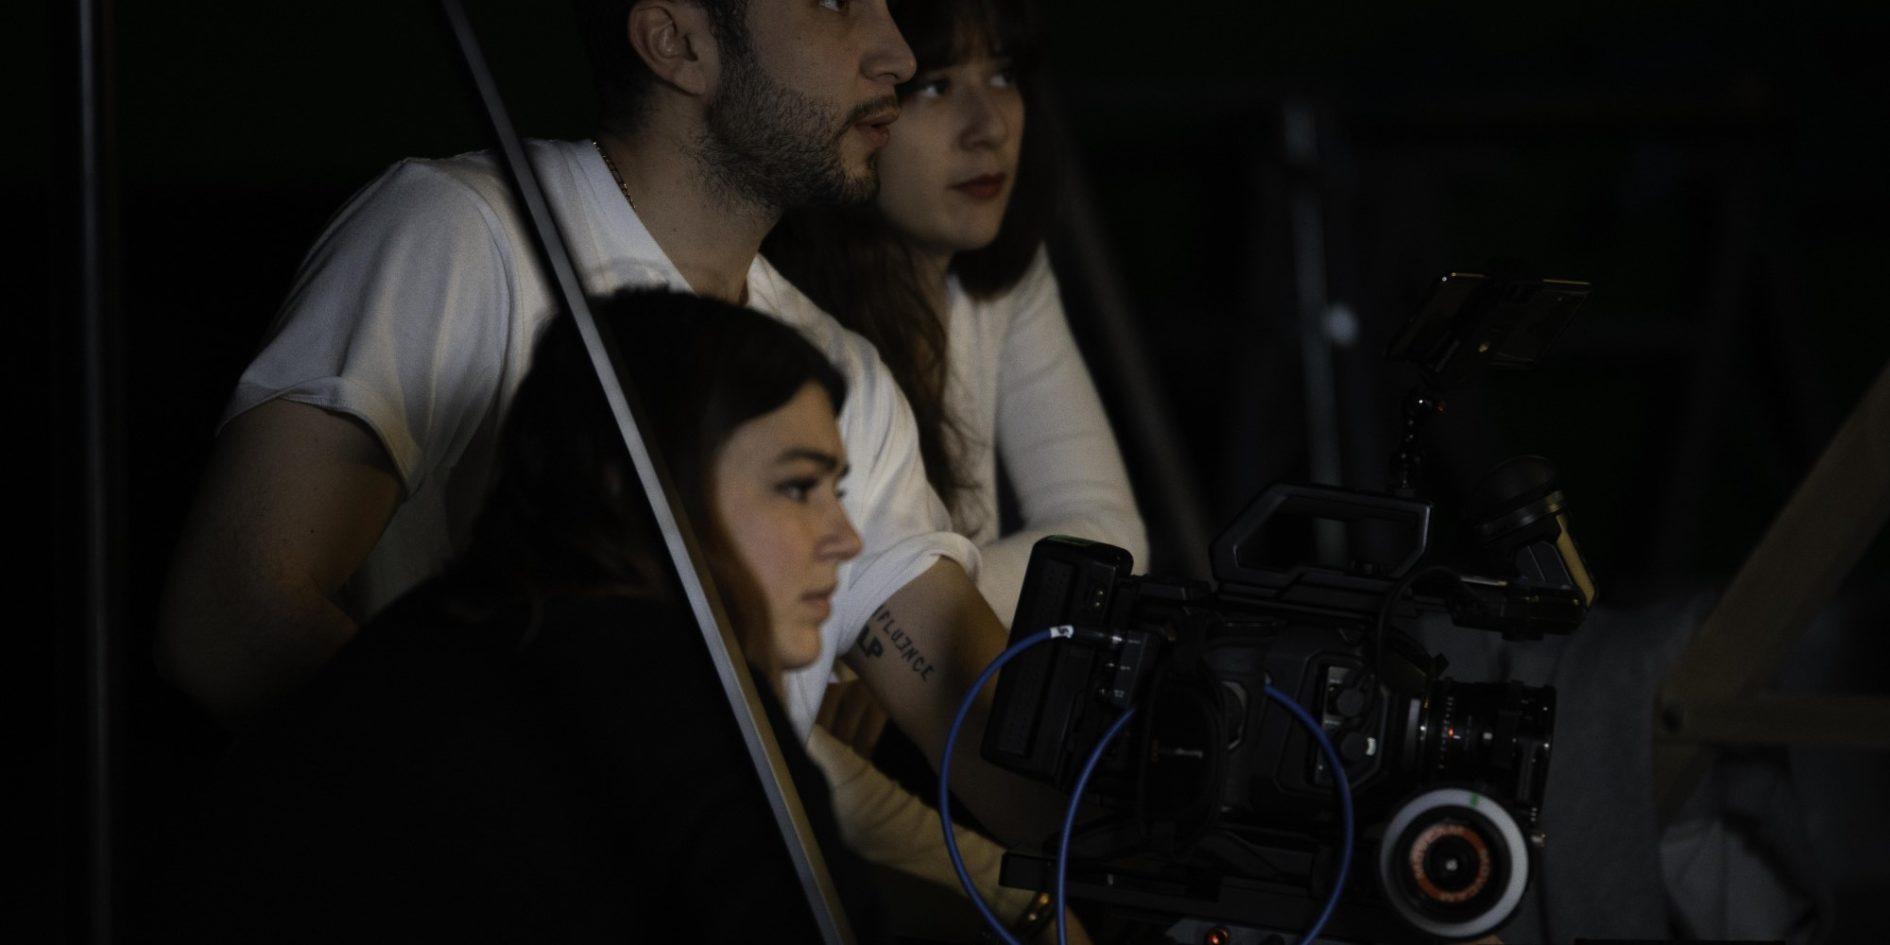 Quelques Minutes Apres Minuit Juan Antonio Bayona Cinecreatis 65